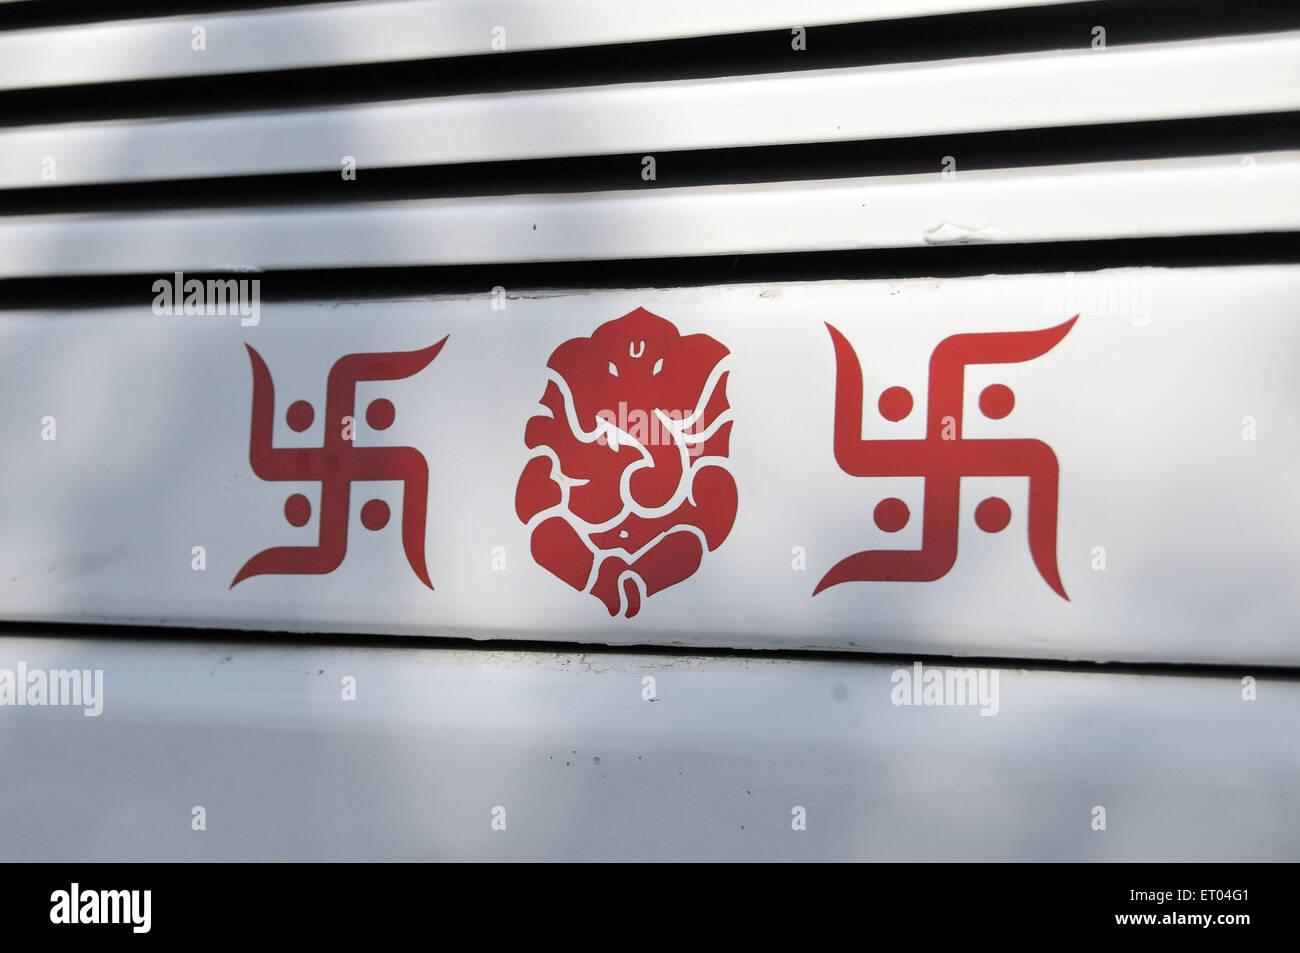 Ganesh and Swastika symbols painted on truck at Delhi India - Stock Image